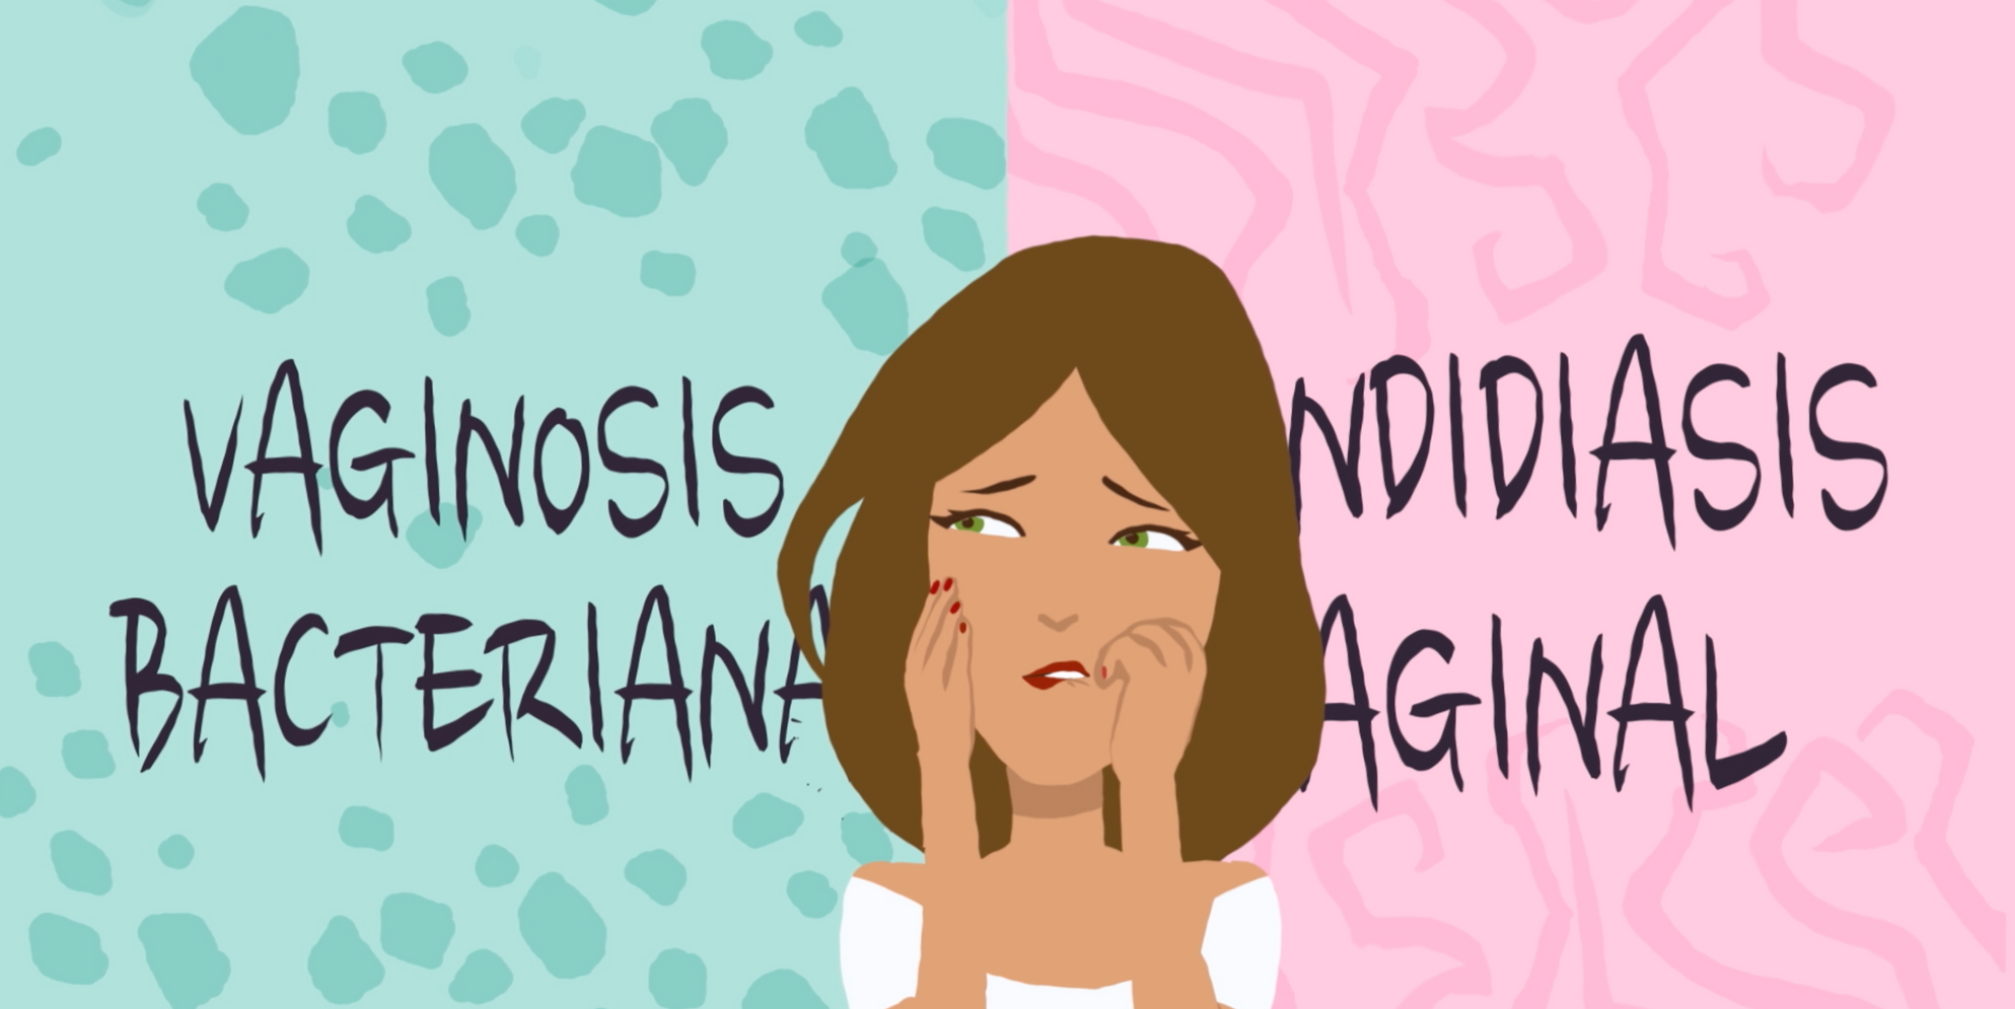 ¿Qué es la vaginosis bacteriana y cómo tratarla?